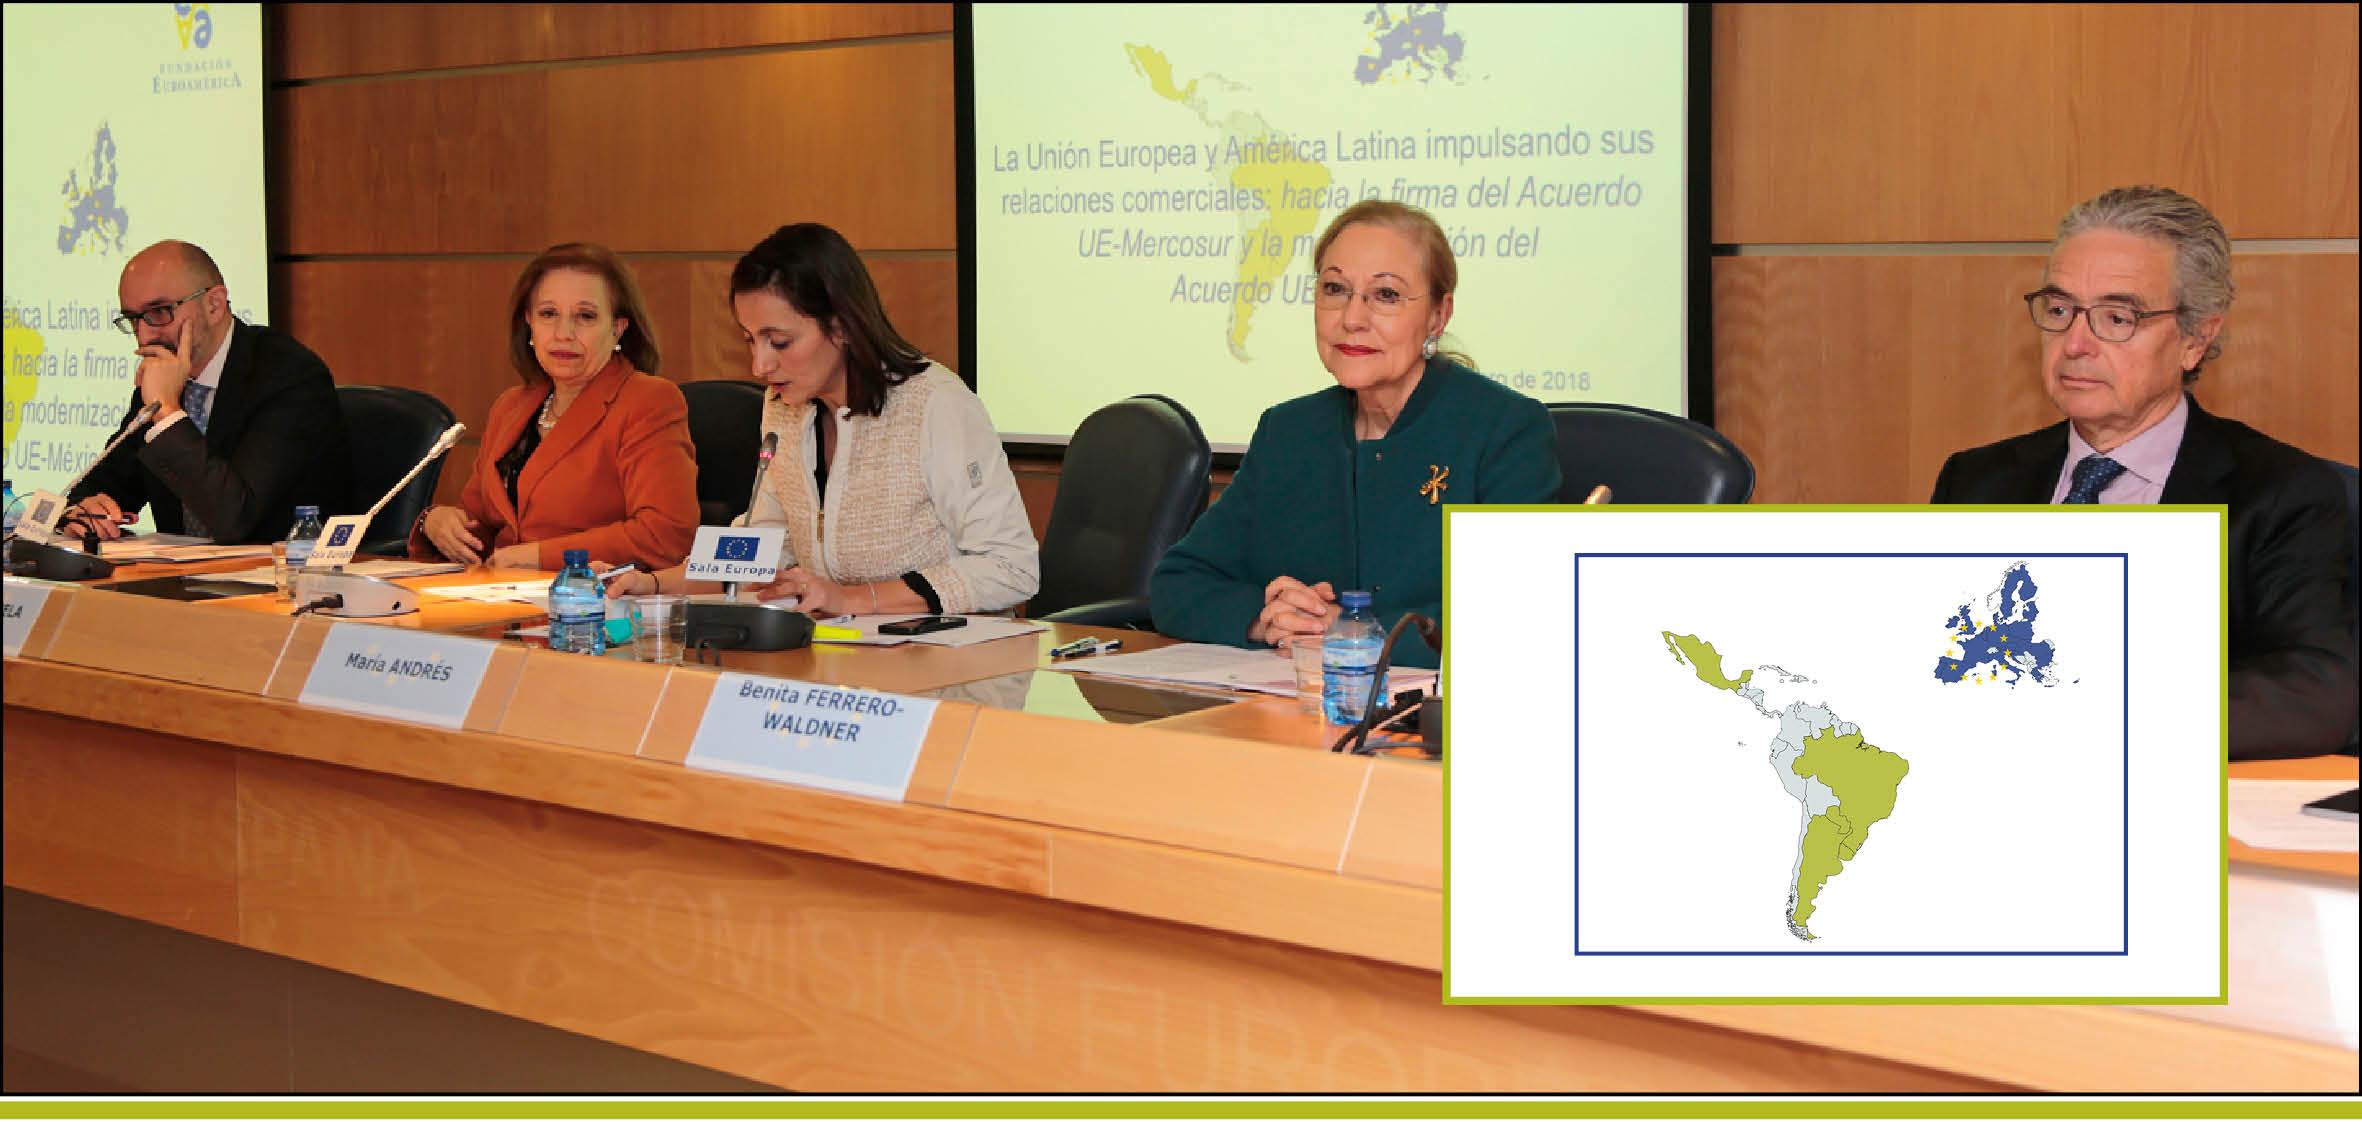 La Unión Europea y América Latina impulsando sus relaciones comerciales